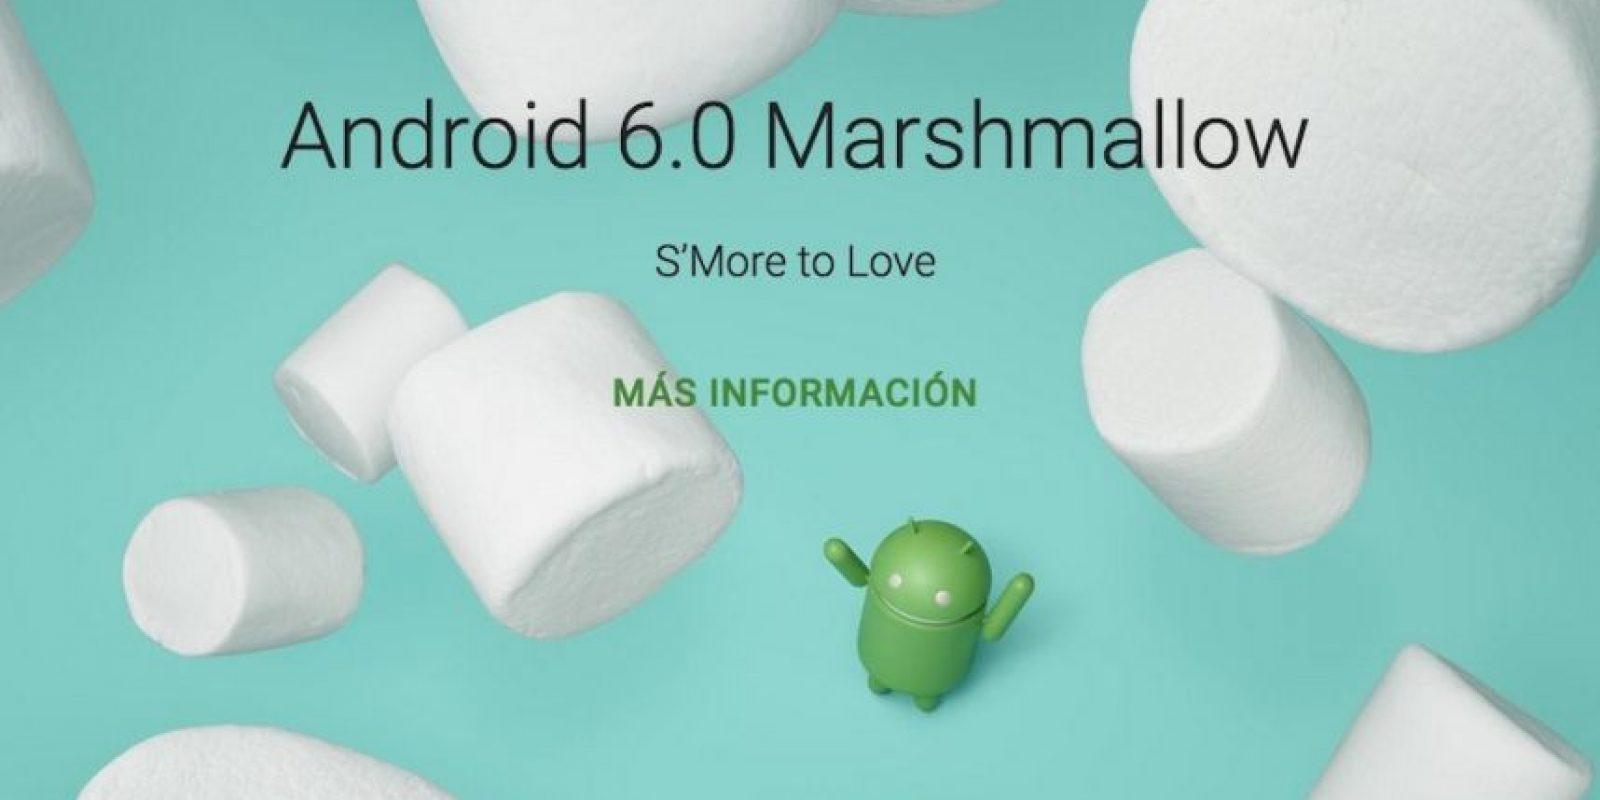 Android 6.0 Marshmallow ya está disponible en los dispositivos Nexus. Foto:Google